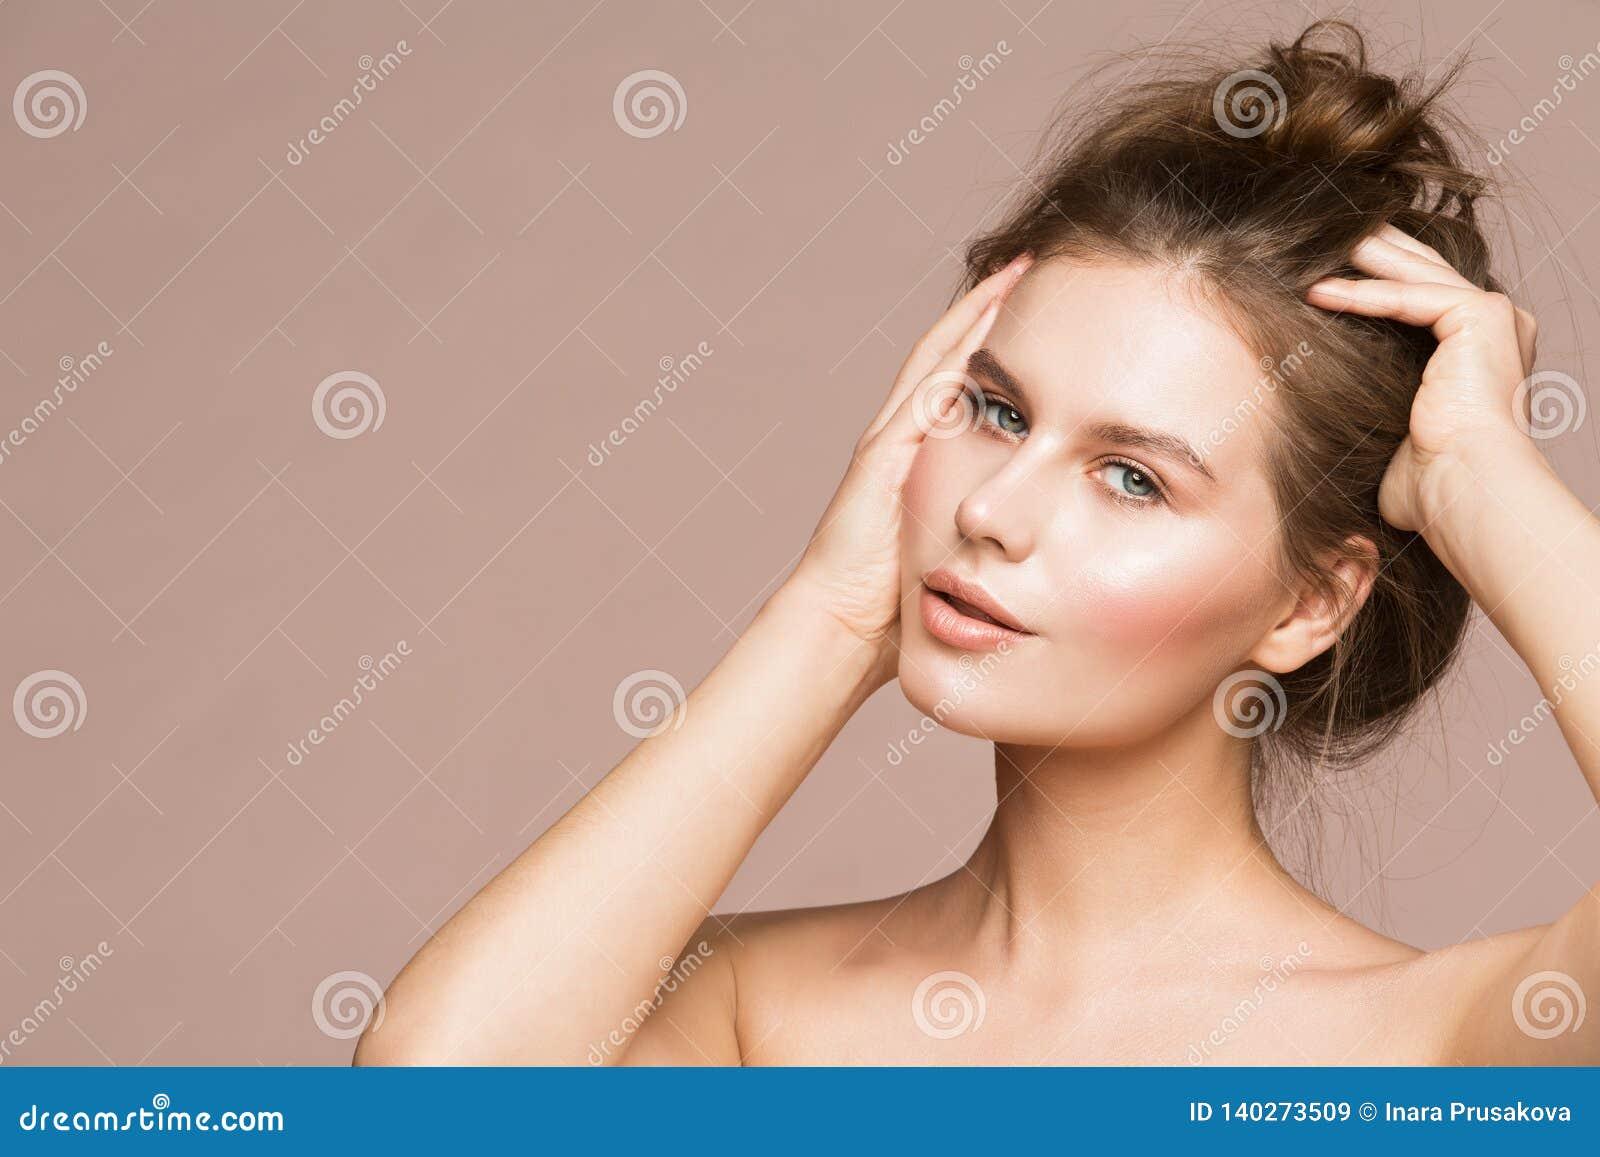 Η πρότυπη ομορφιά Makeup μόδας, όμορφη γυναίκα τρίχα Dishevel αποτελεί, πορτρέτο στούντιο